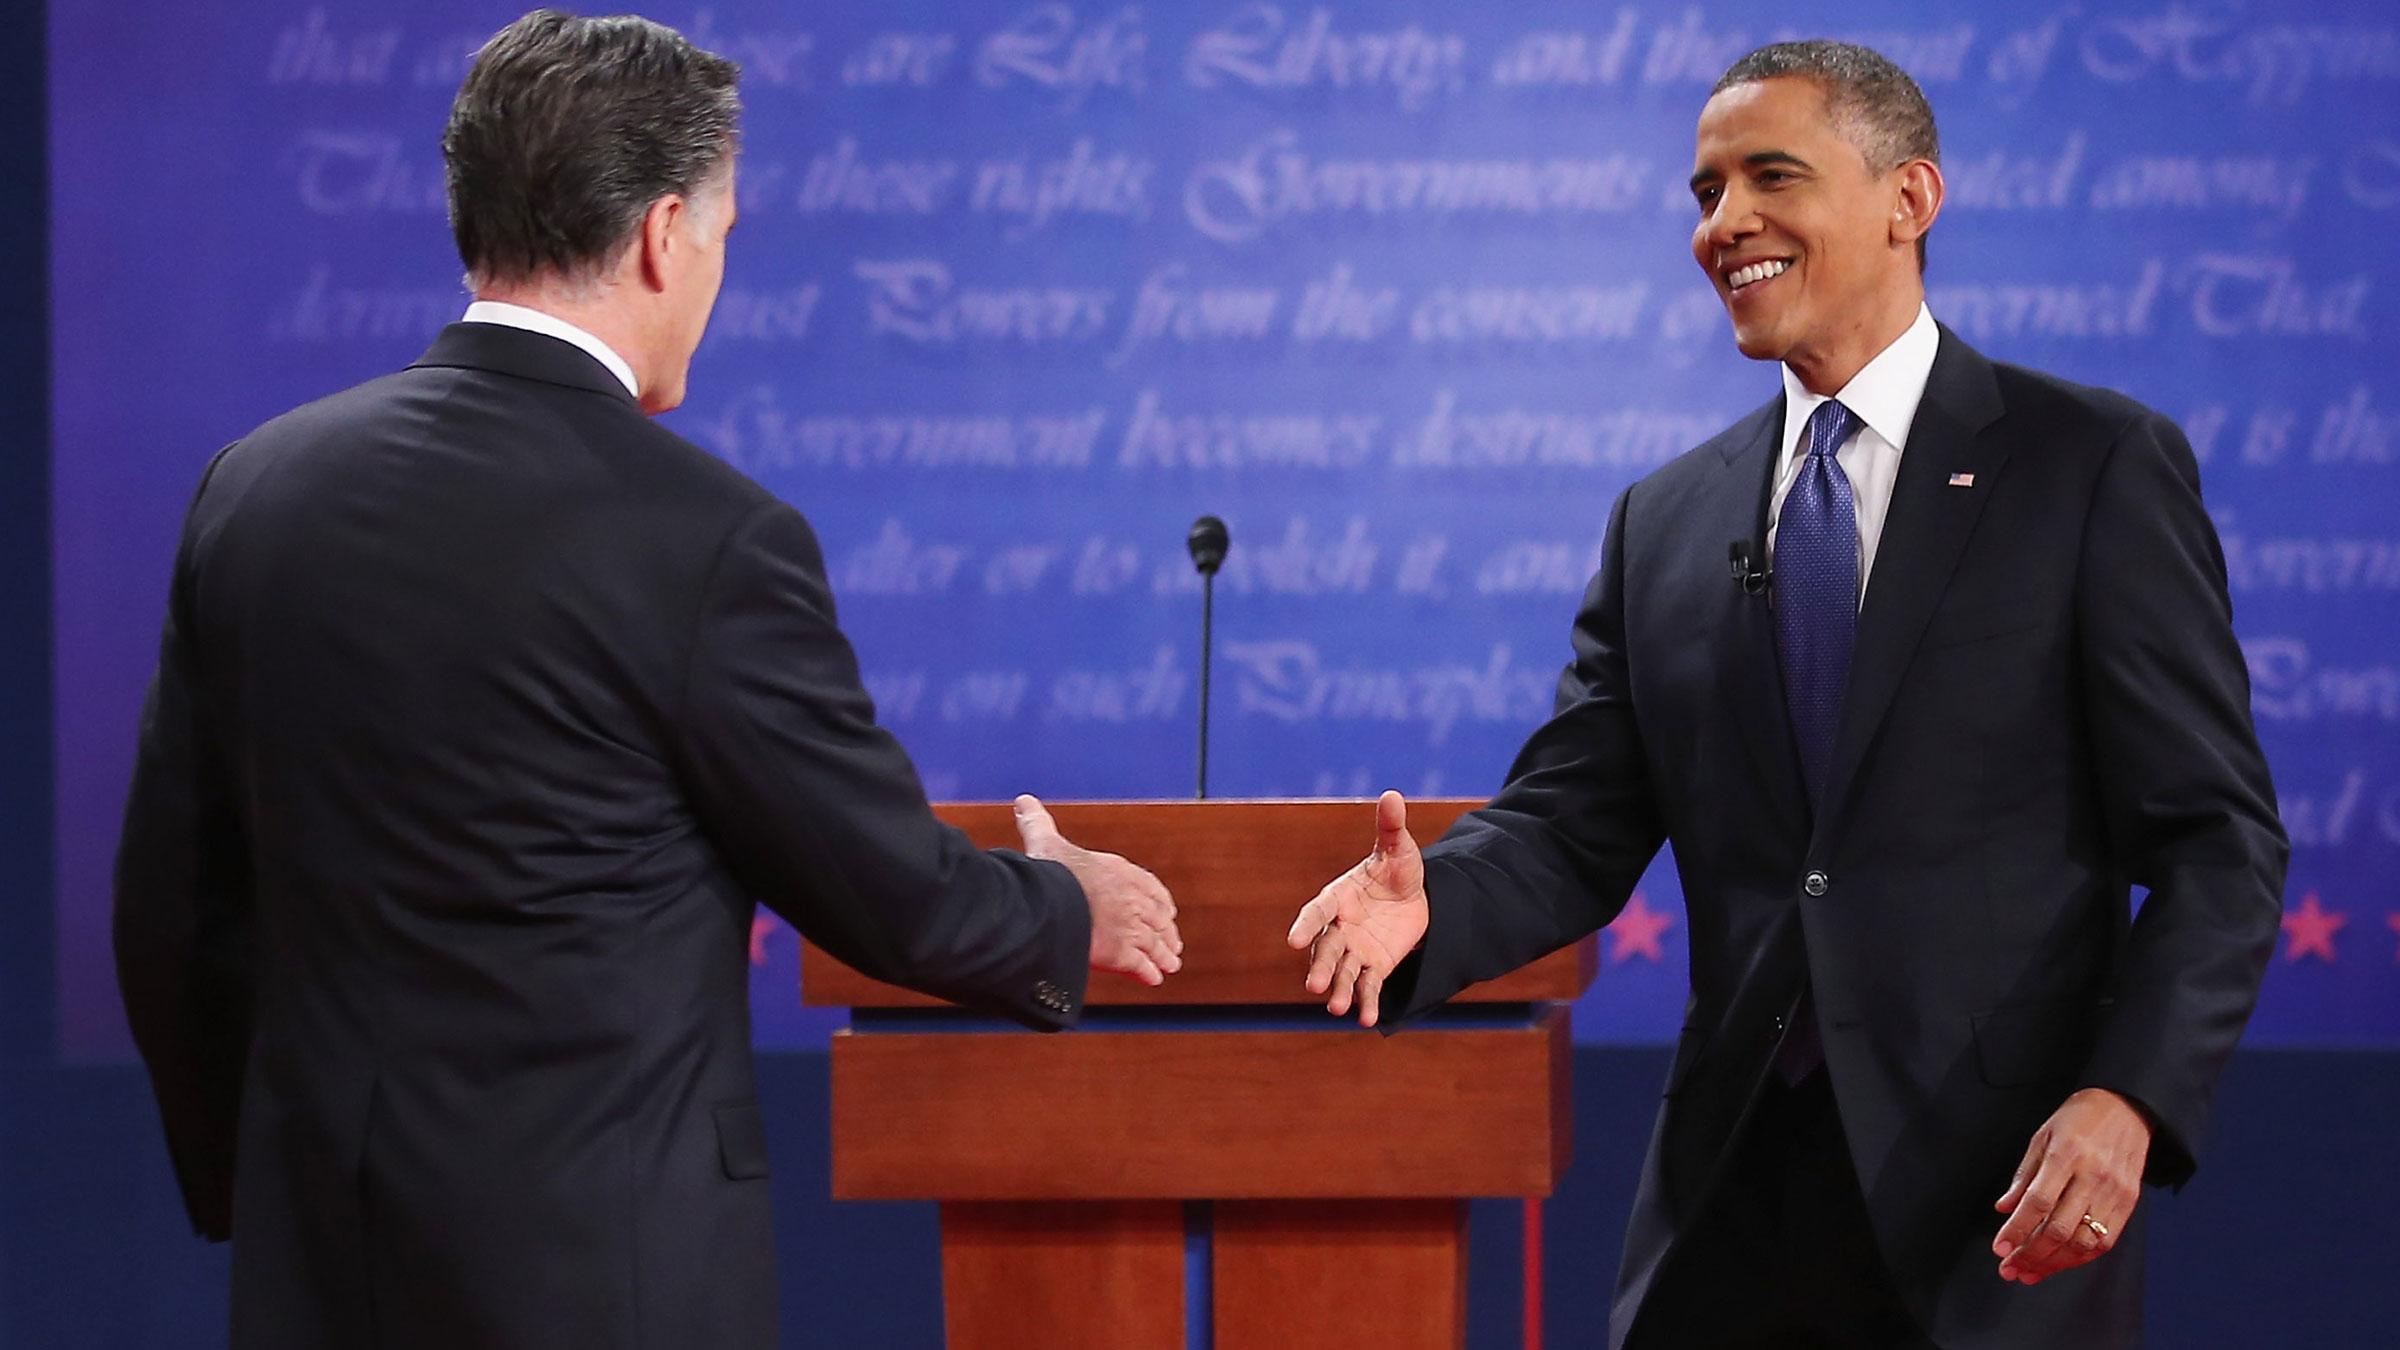 Obama Romney Hand Shake 10262012